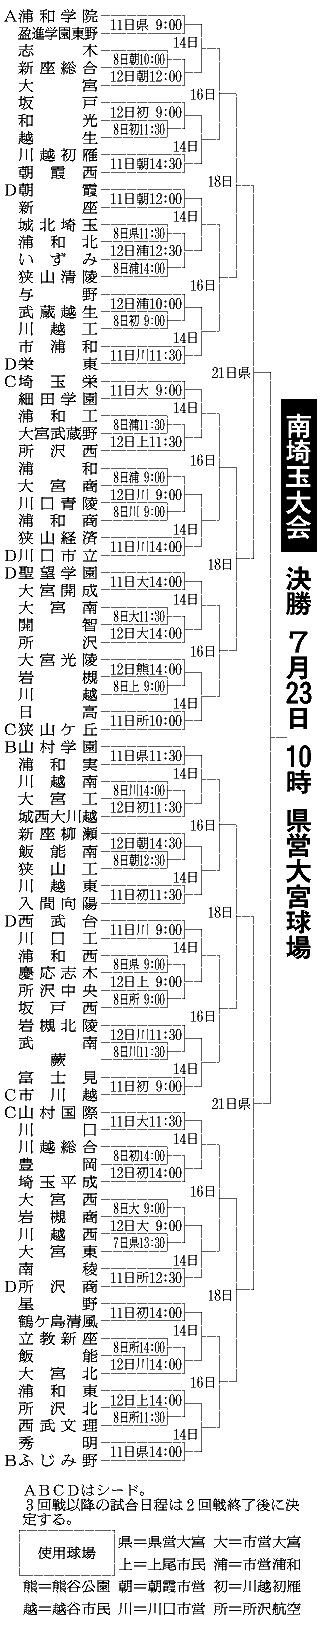 夏の高校野球2018年南埼玉大会組み合わせ